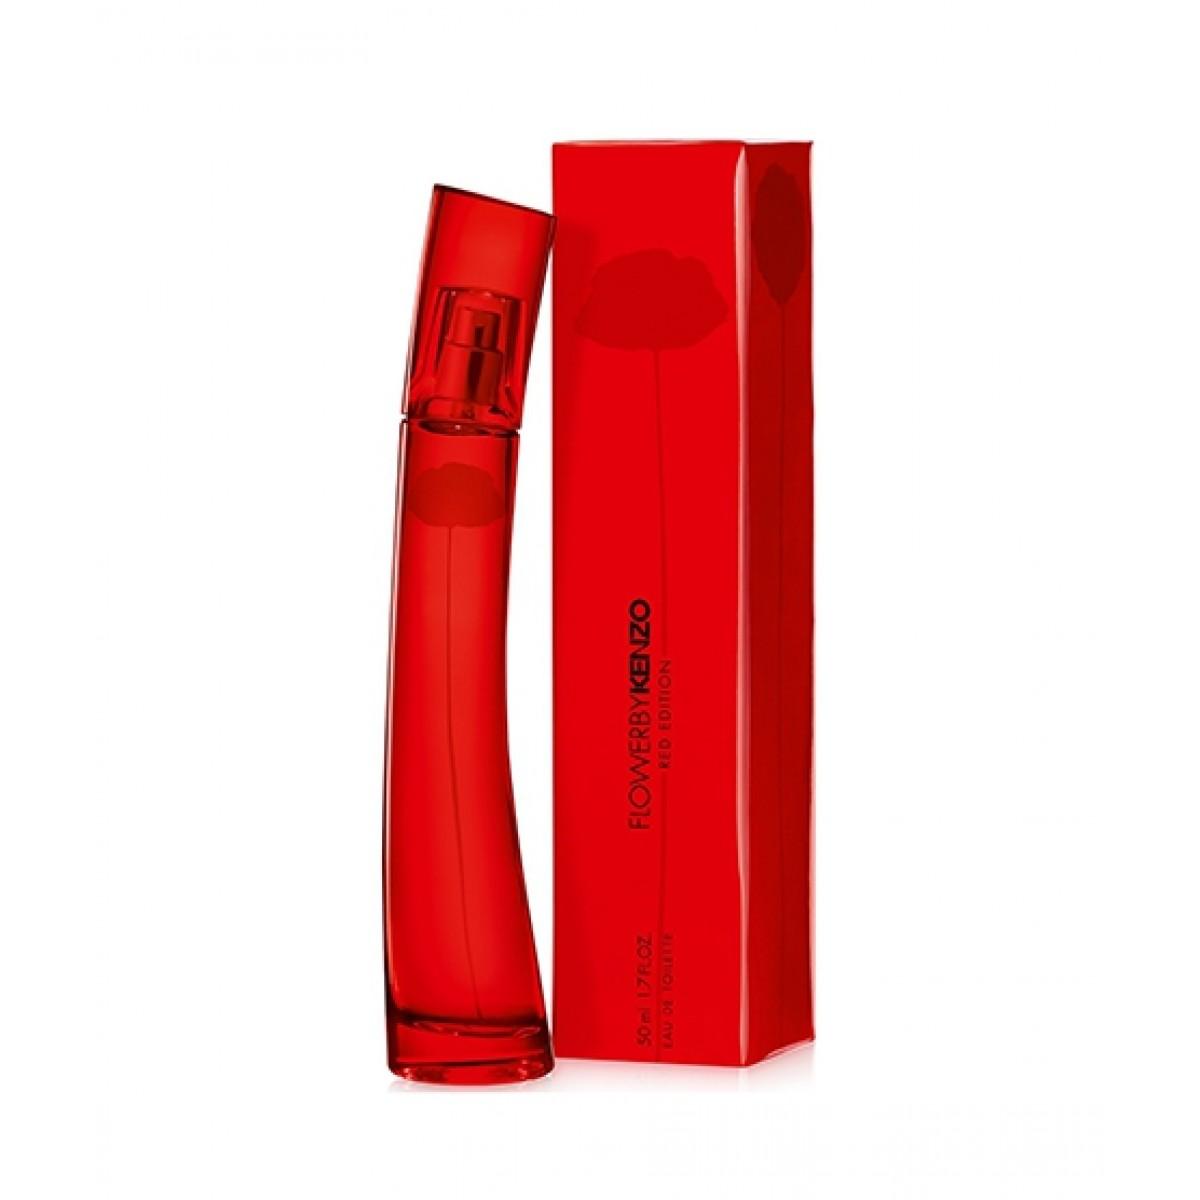 Kenzo Women 50ml Red Edition For Perfume Edt Flower shxtQrCd